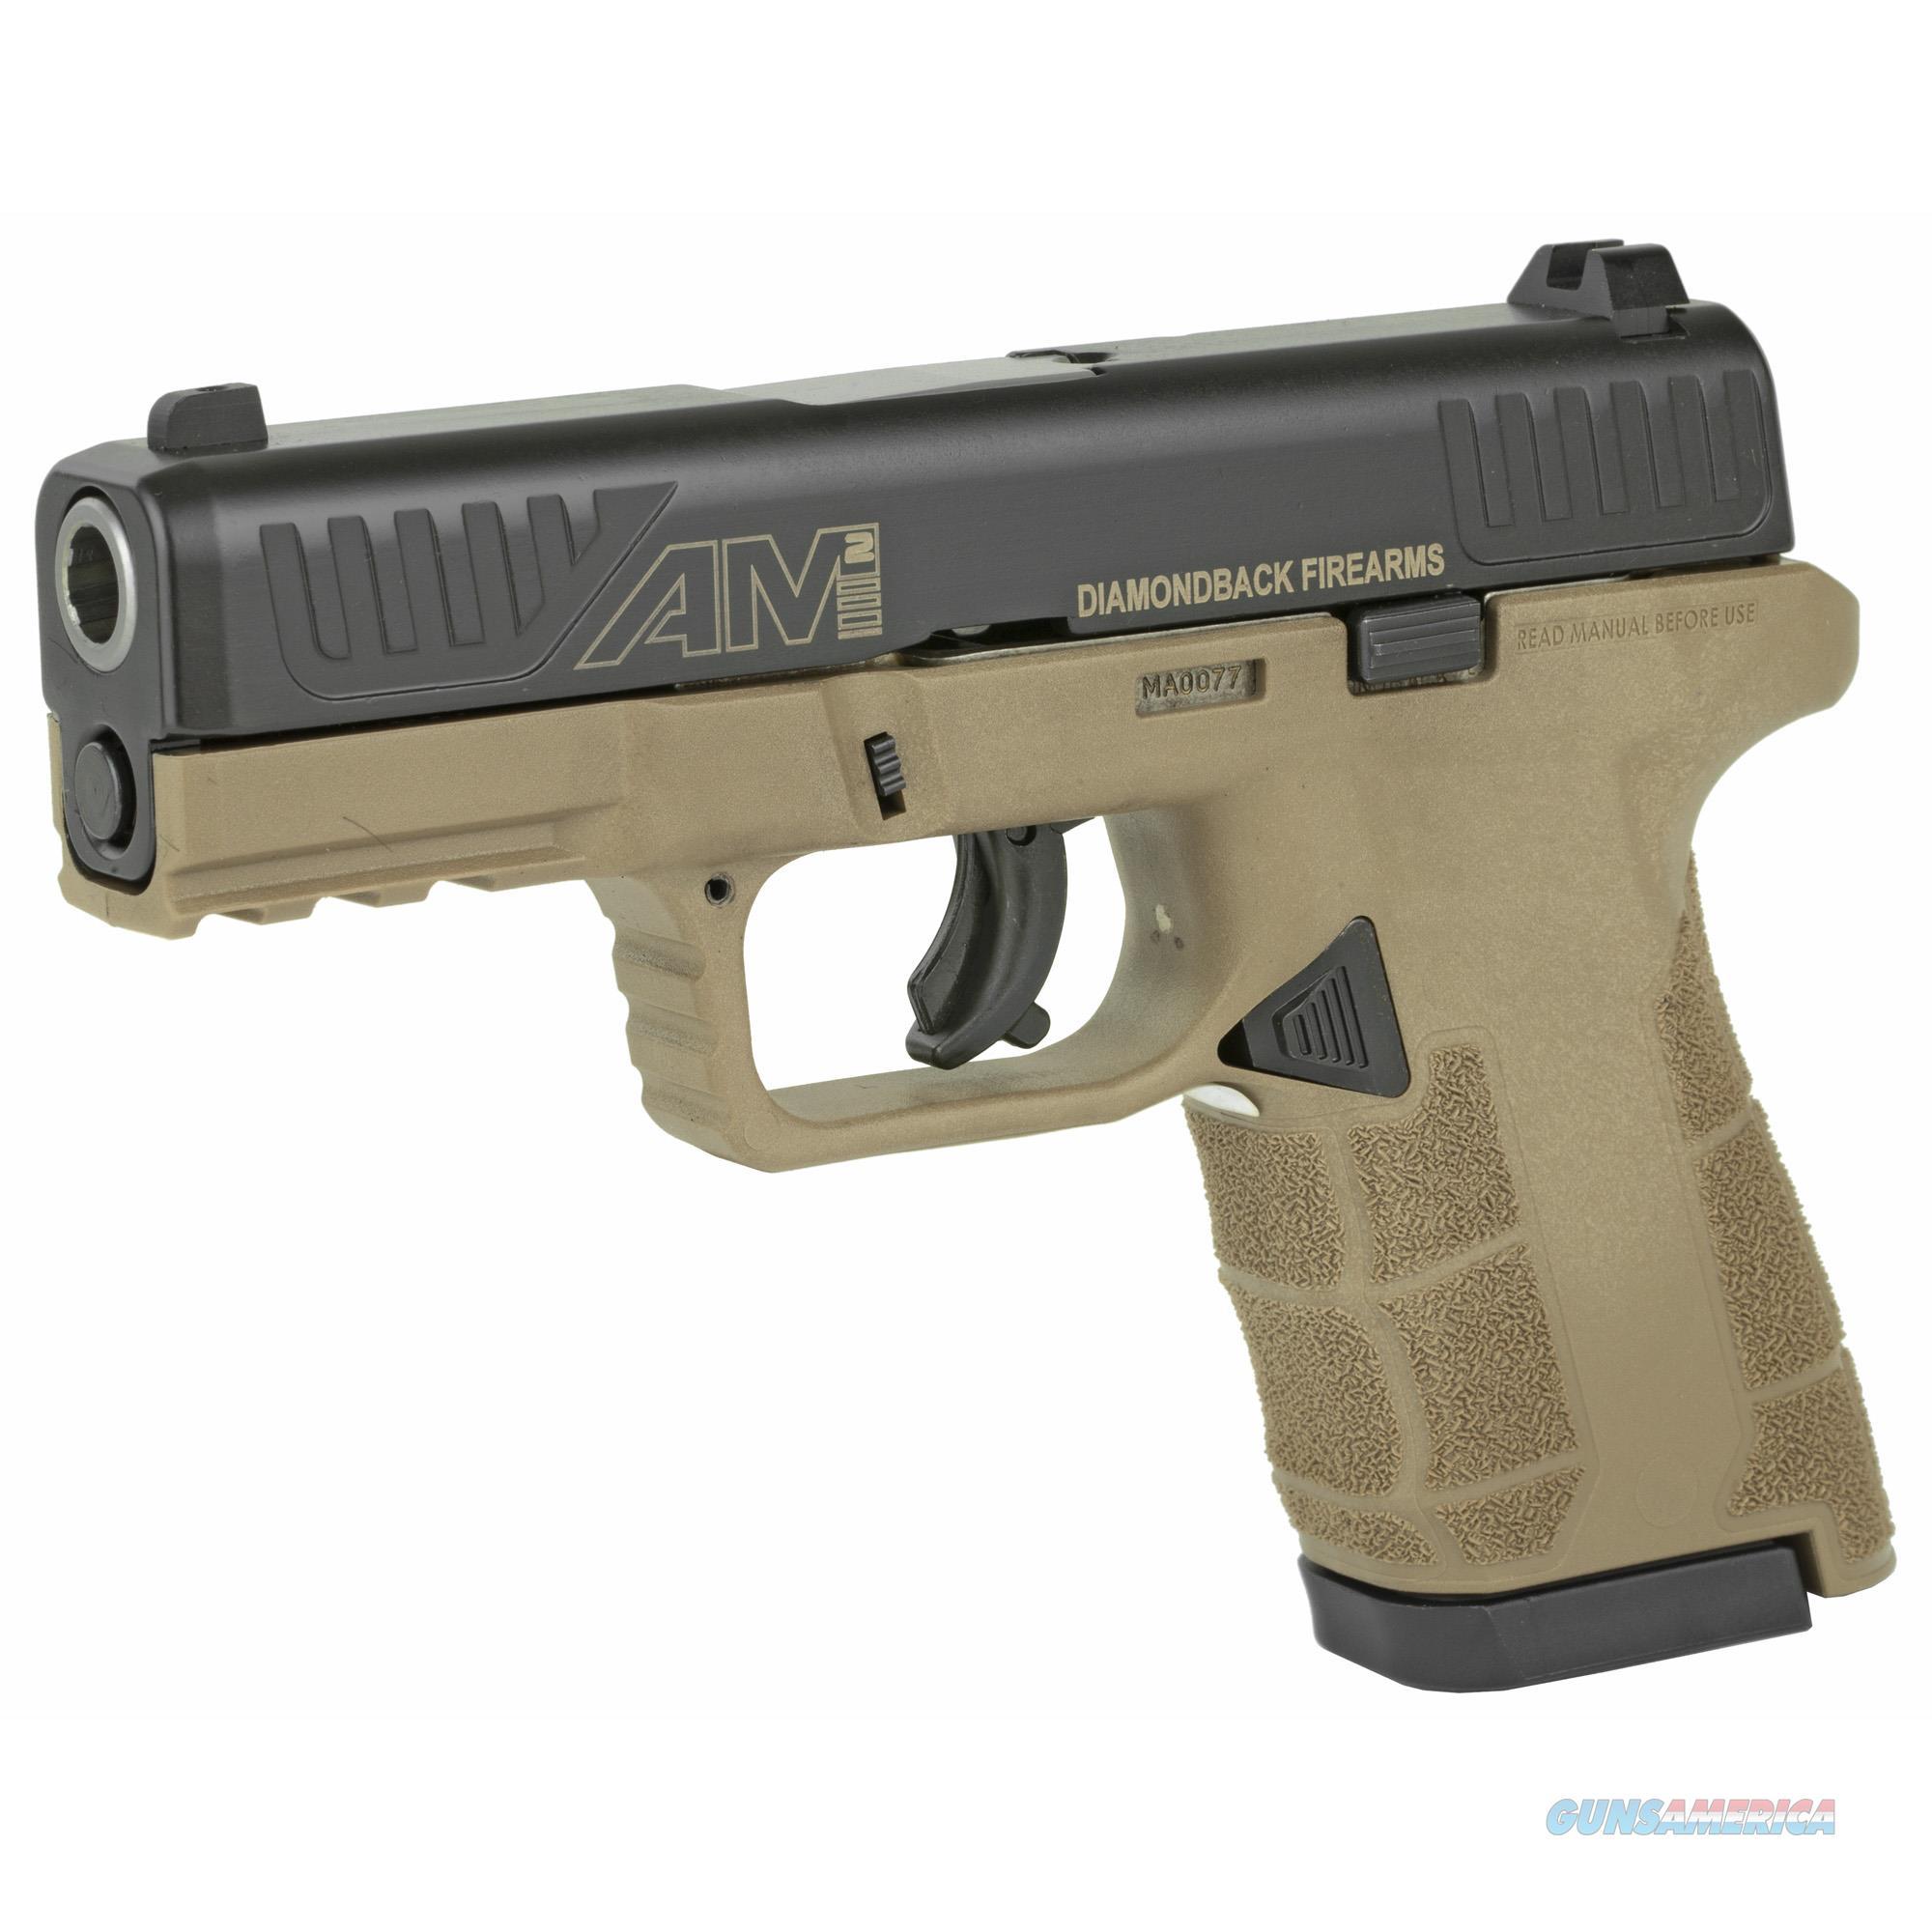 """Diamondback DBAM29 9mm 3.5"""" 17+1/12+1 Flat Dark Earth - New in Box!  Guns > Pistols > Diamondback Pistols"""